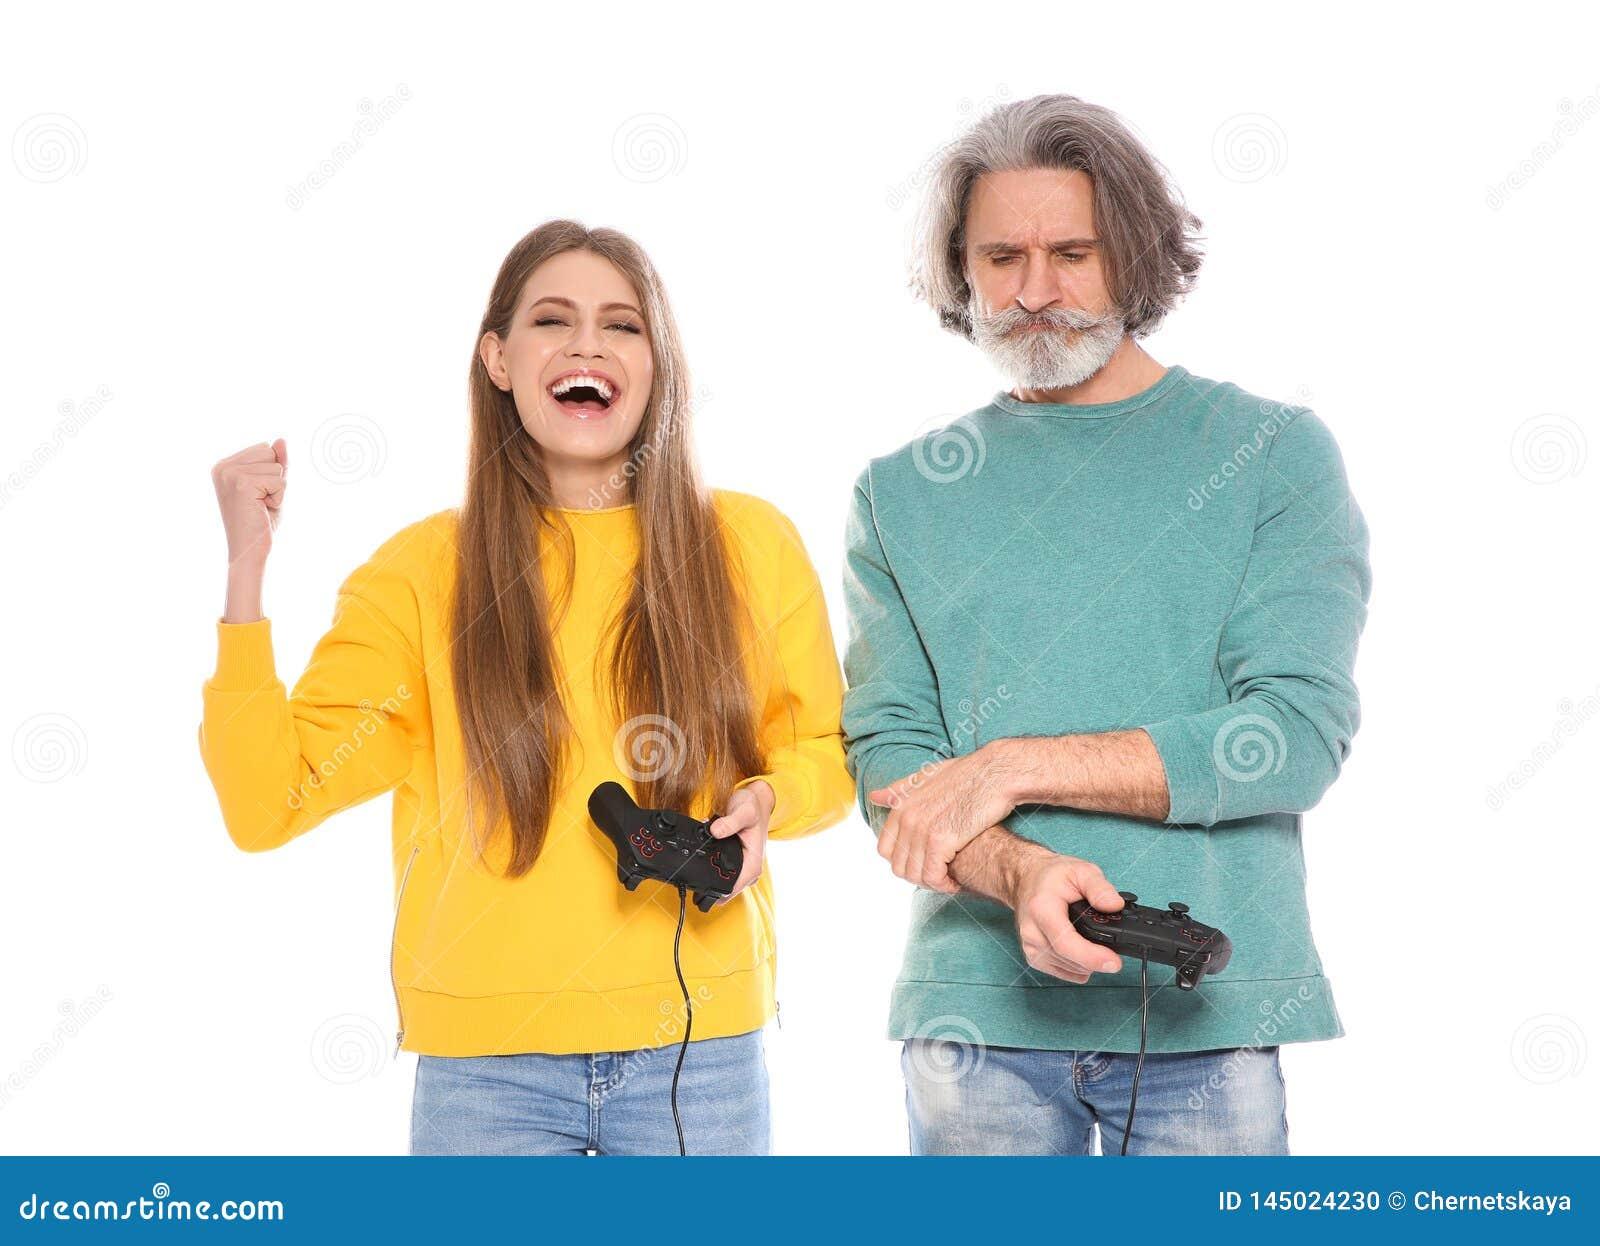 Rijpe man en jonge vrouw het spelen videospelletjes met geïsoleerde controlemechanismen